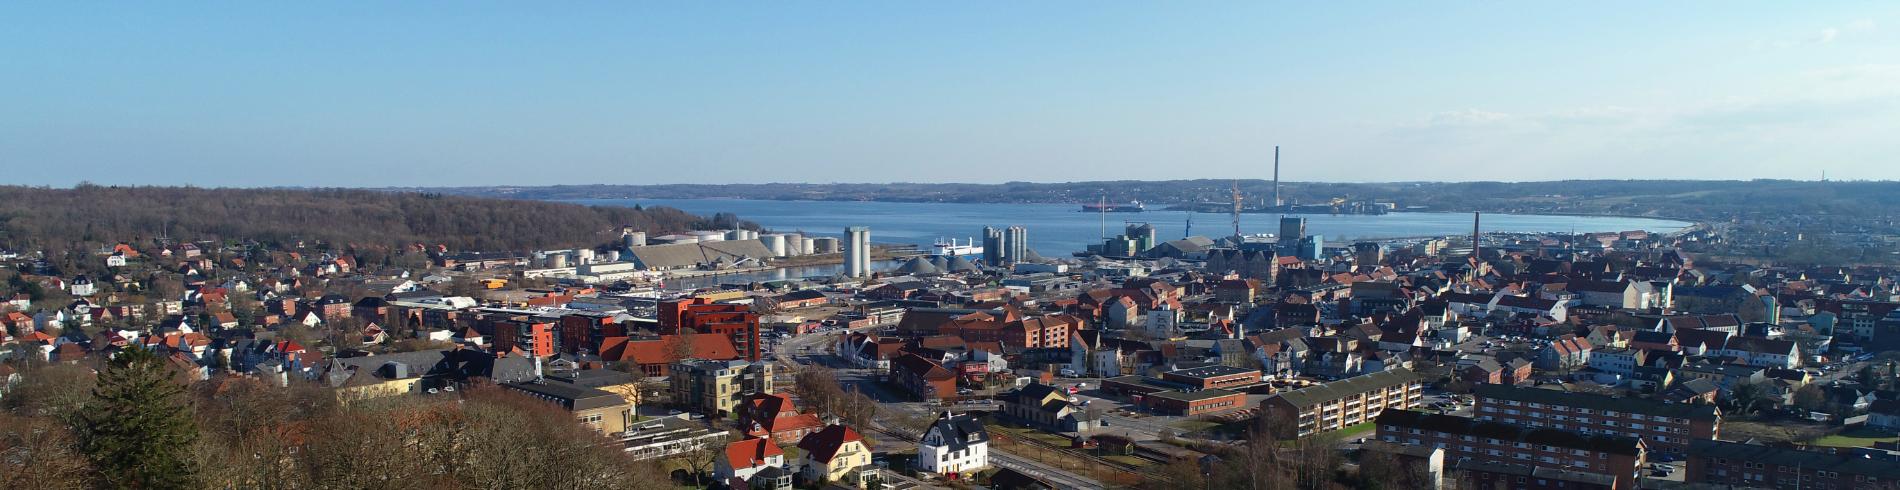 Billeder fra Aabenraa Kommune cover image